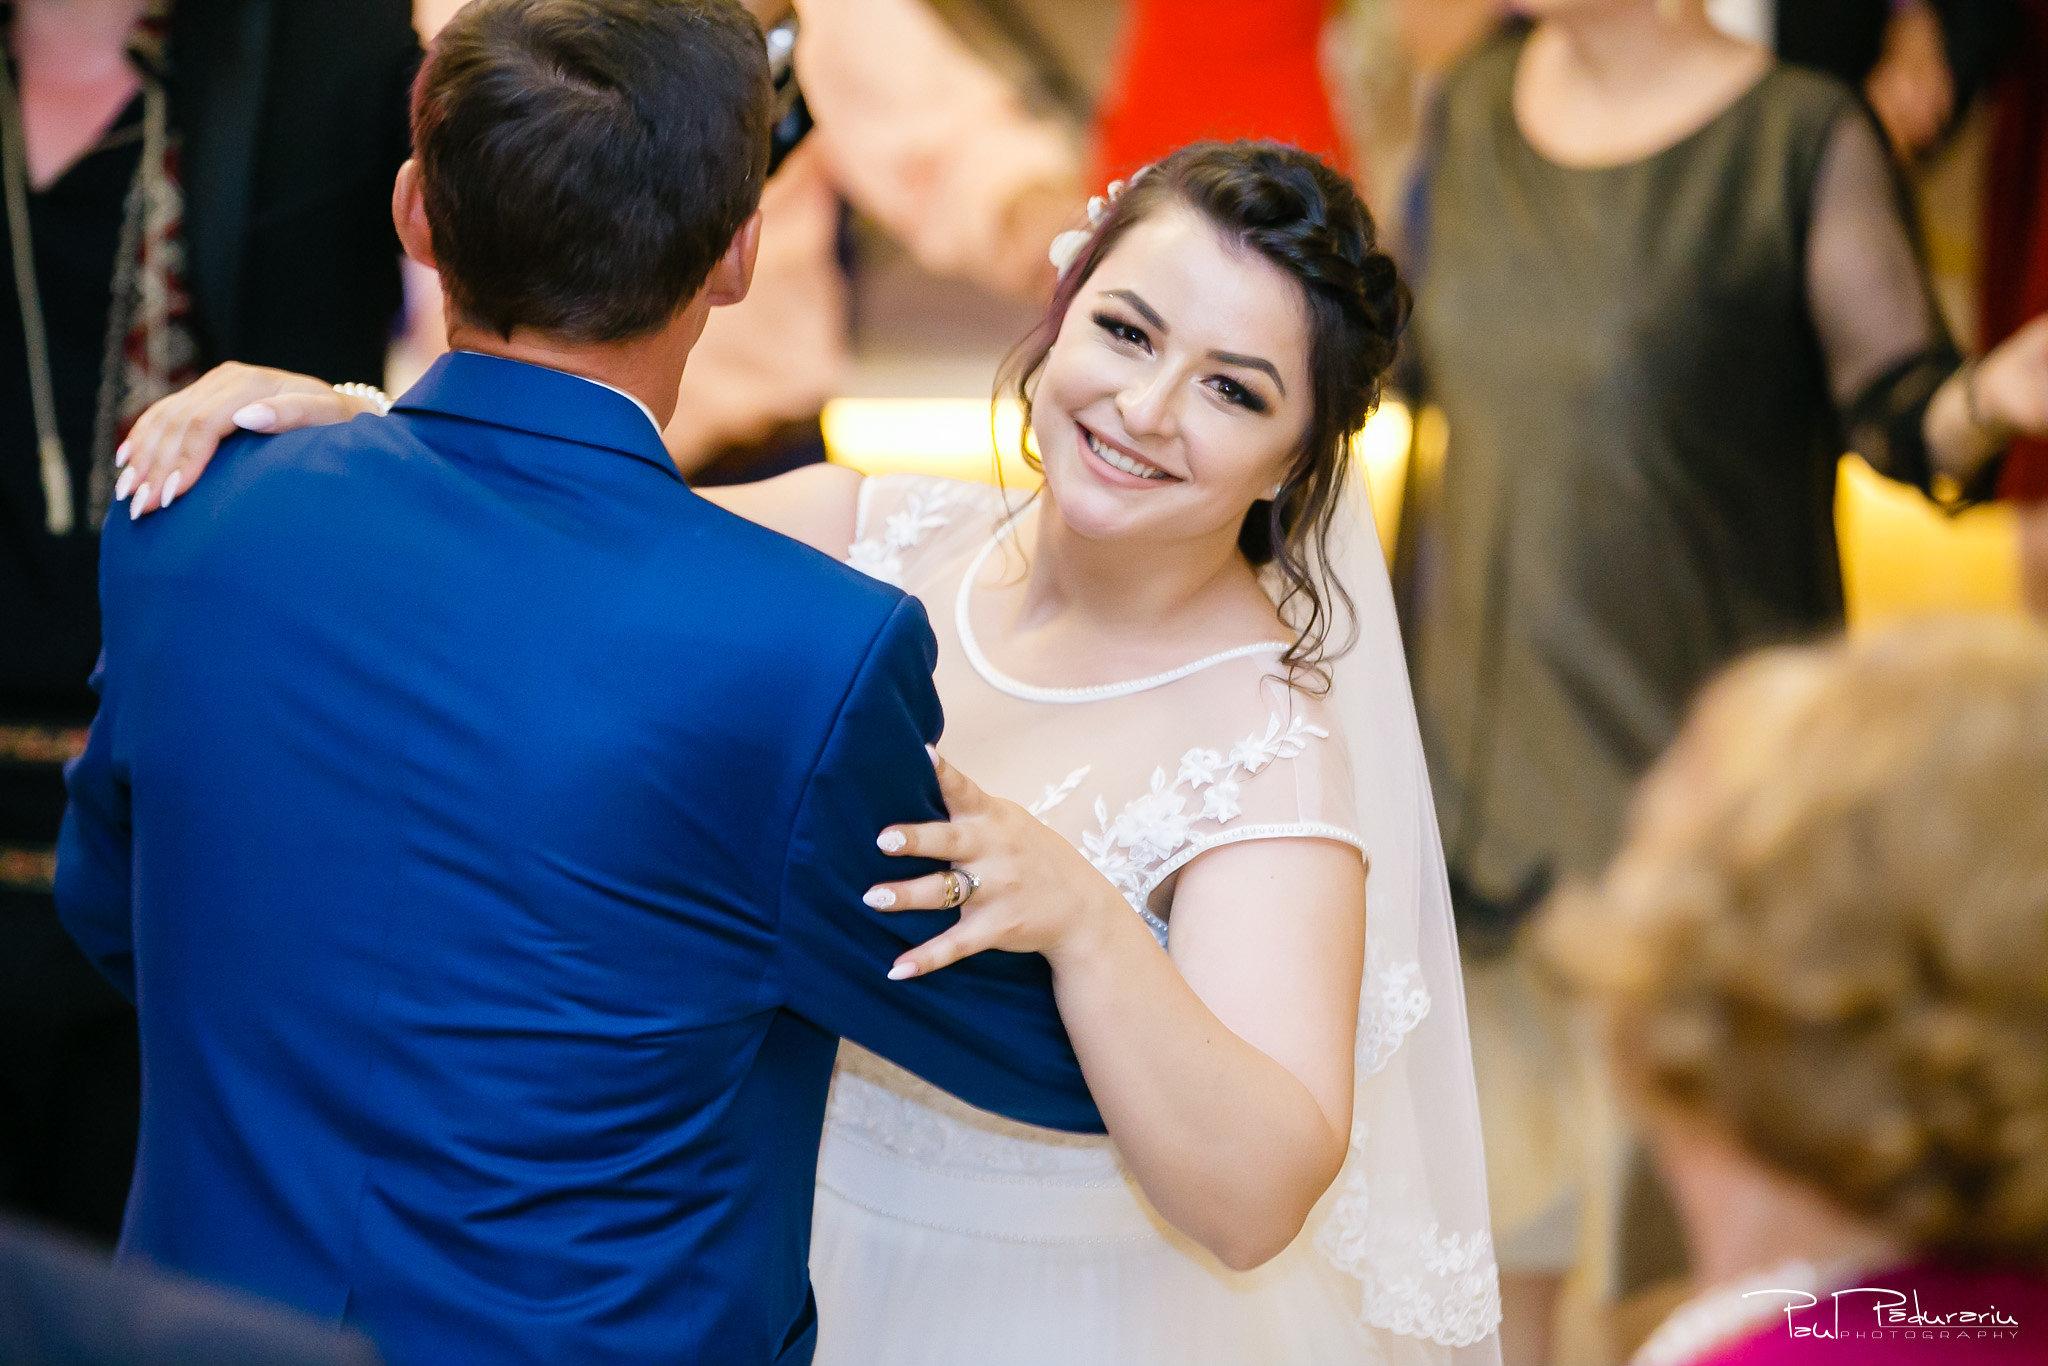 Nunta la Castel Iasi Ana-Maria si Marius fotograf profesionistwww.paulpadurariu.ro © 2018 Paul Padurariu 22